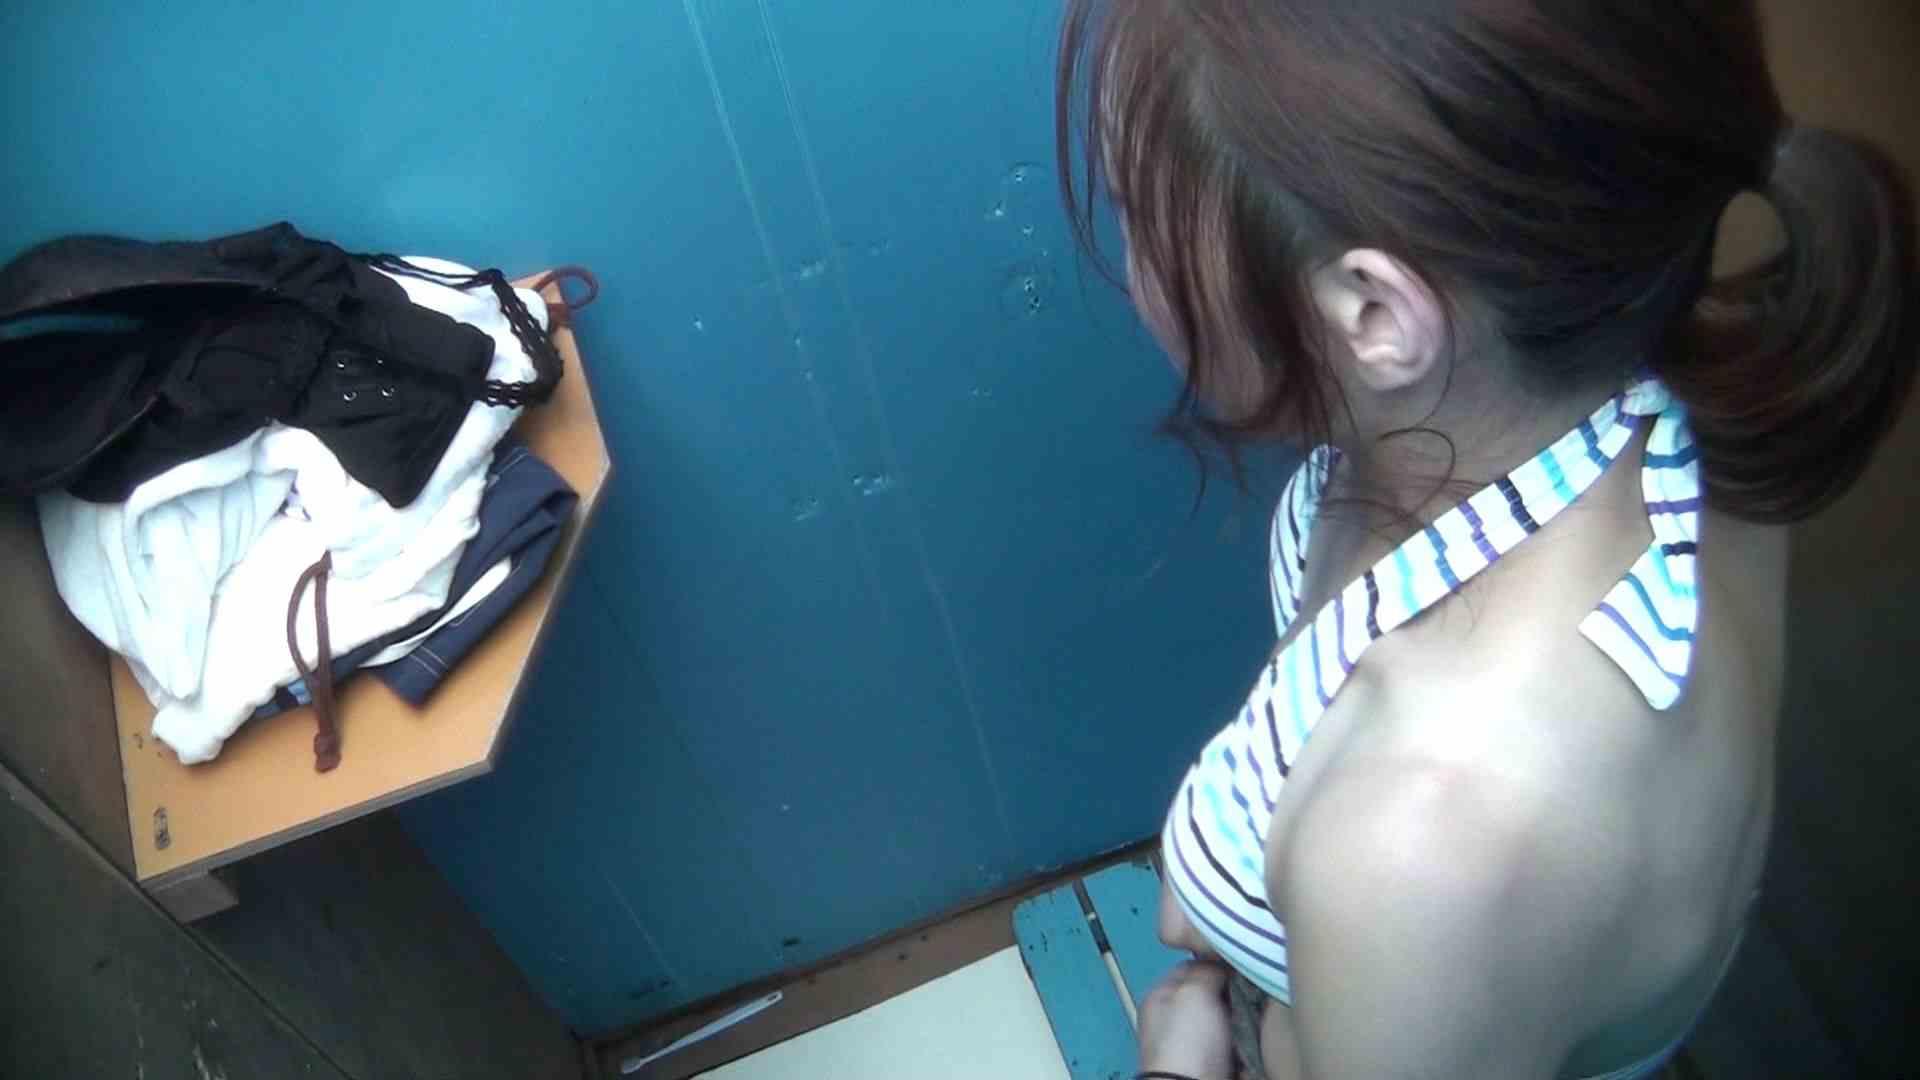 シャワールームは超!!危険な香りVol.27 乳首は一瞬貧乳姉さん 乳首 盗撮動画紹介 18pic 13